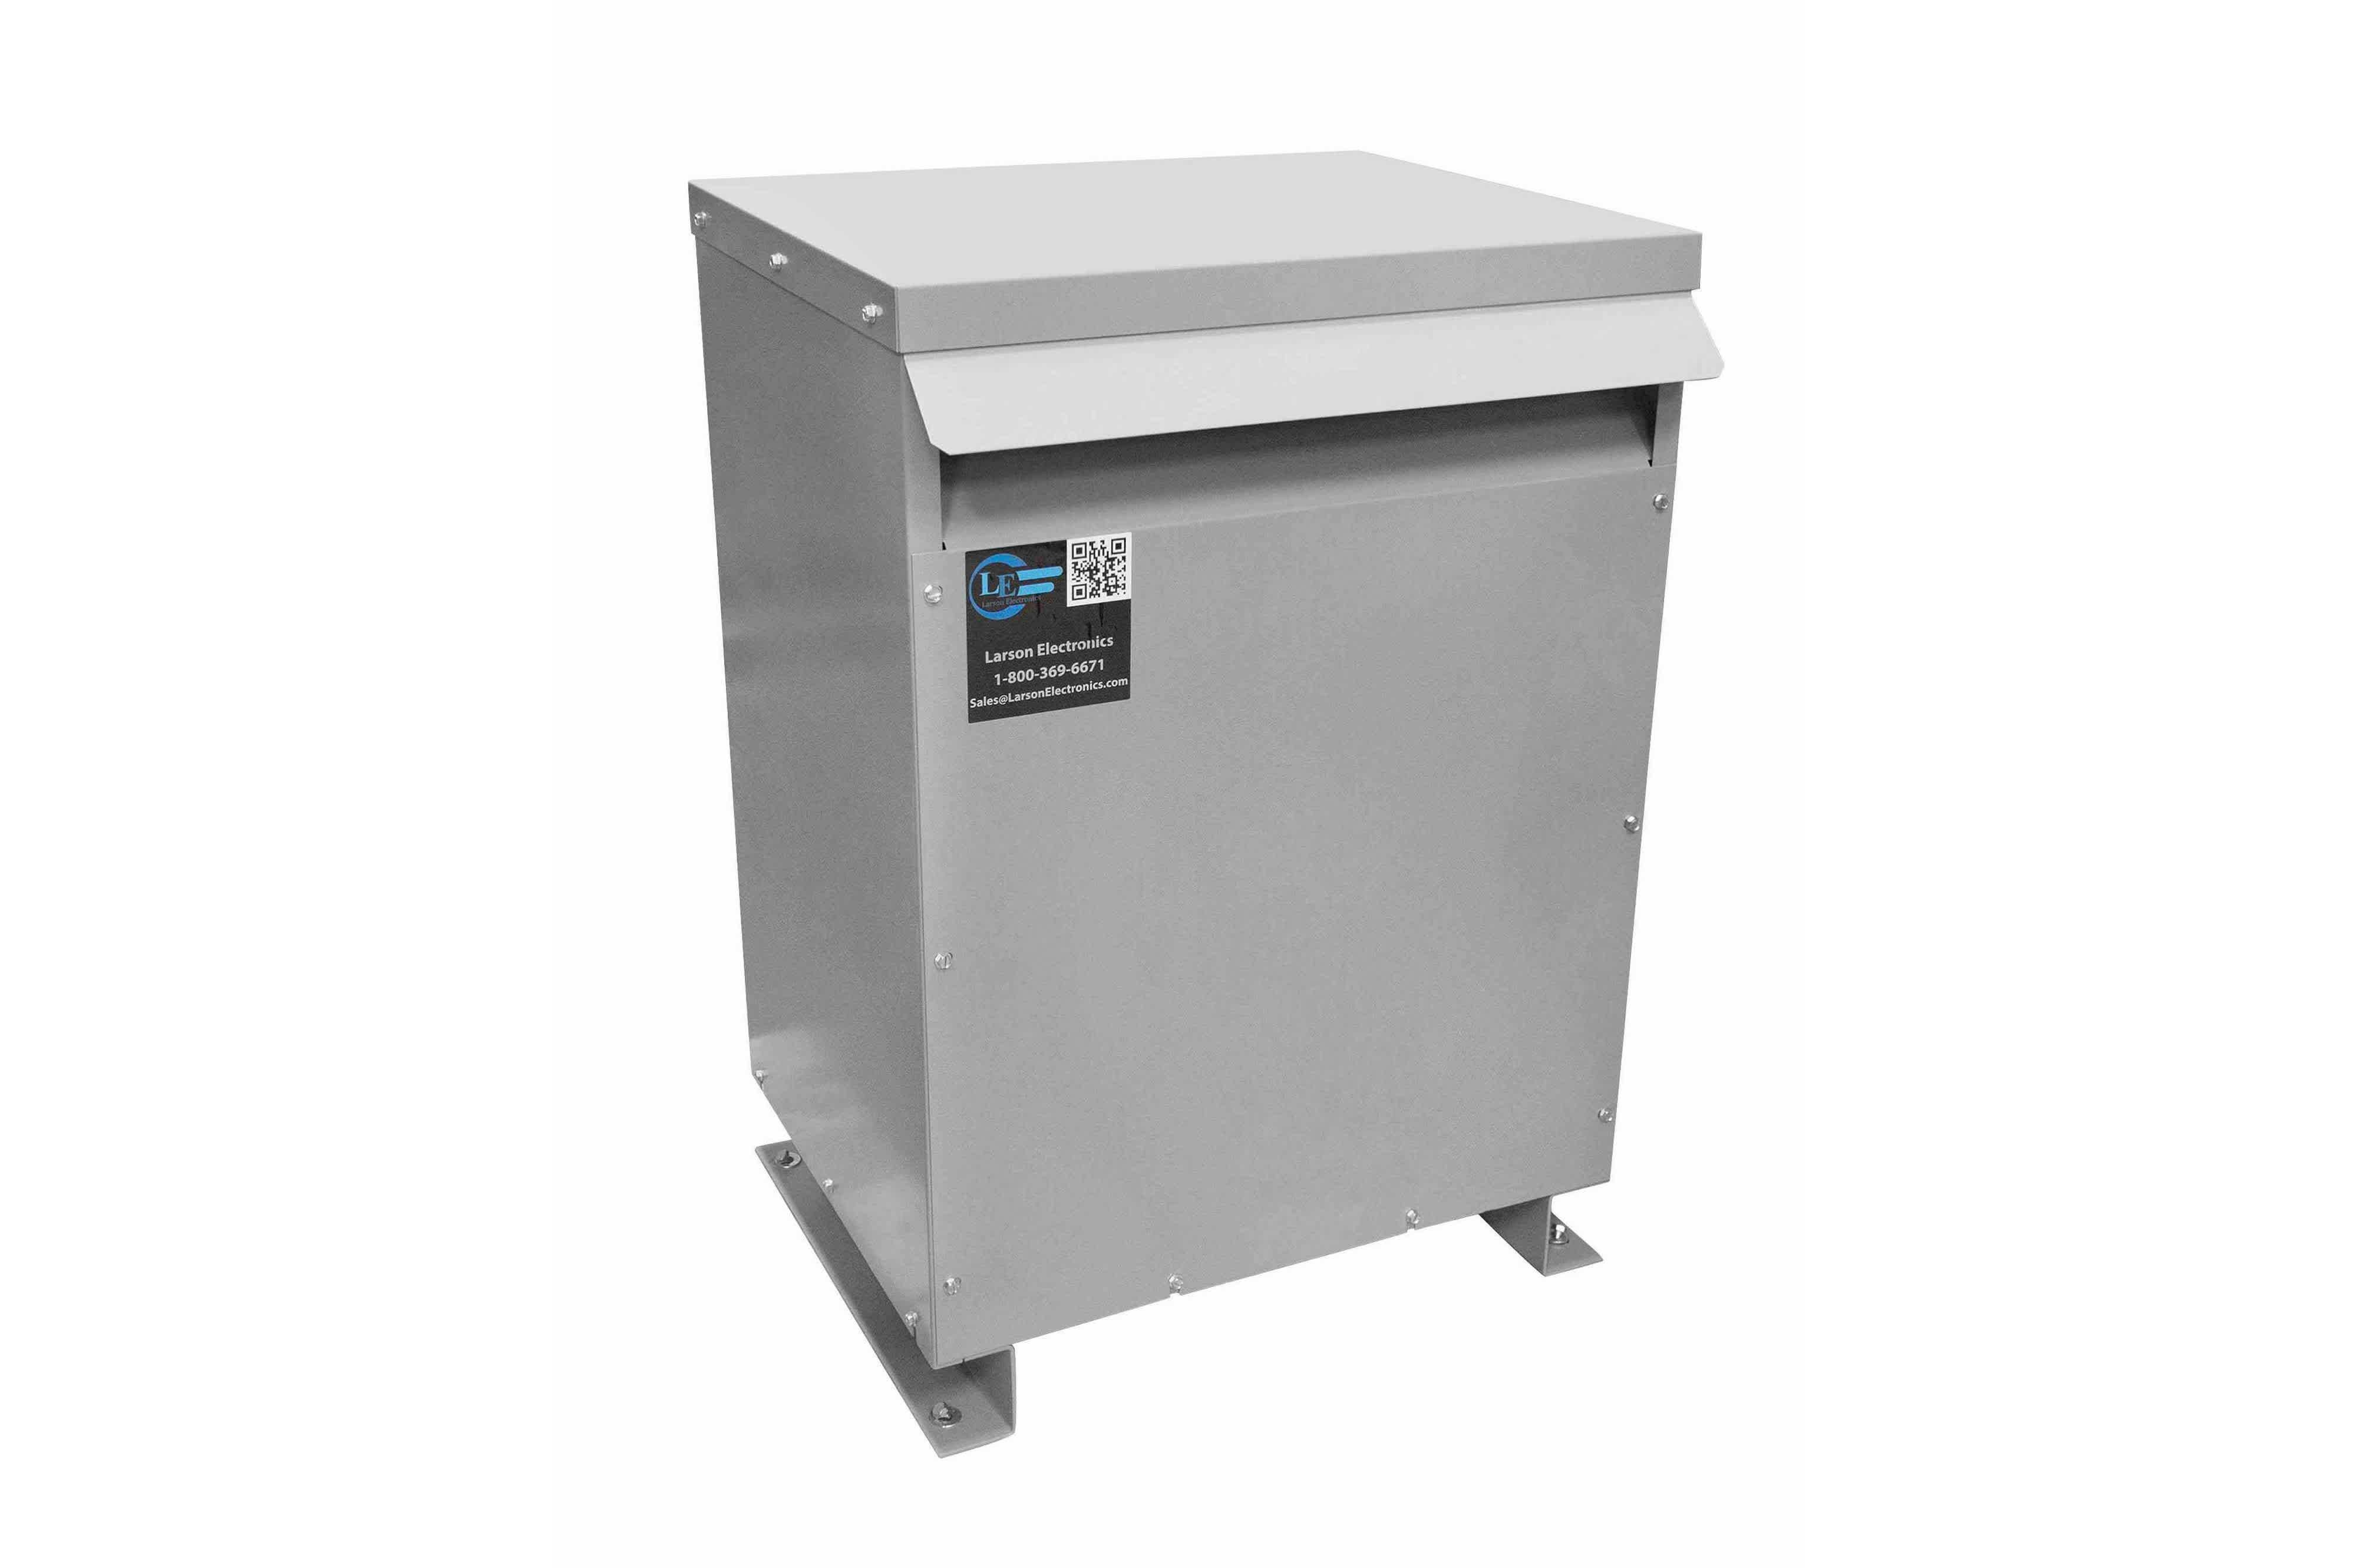 13 kVA 3PH Isolation Transformer, 400V Delta Primary, 600V Delta Secondary, N3R, Ventilated, 60 Hz